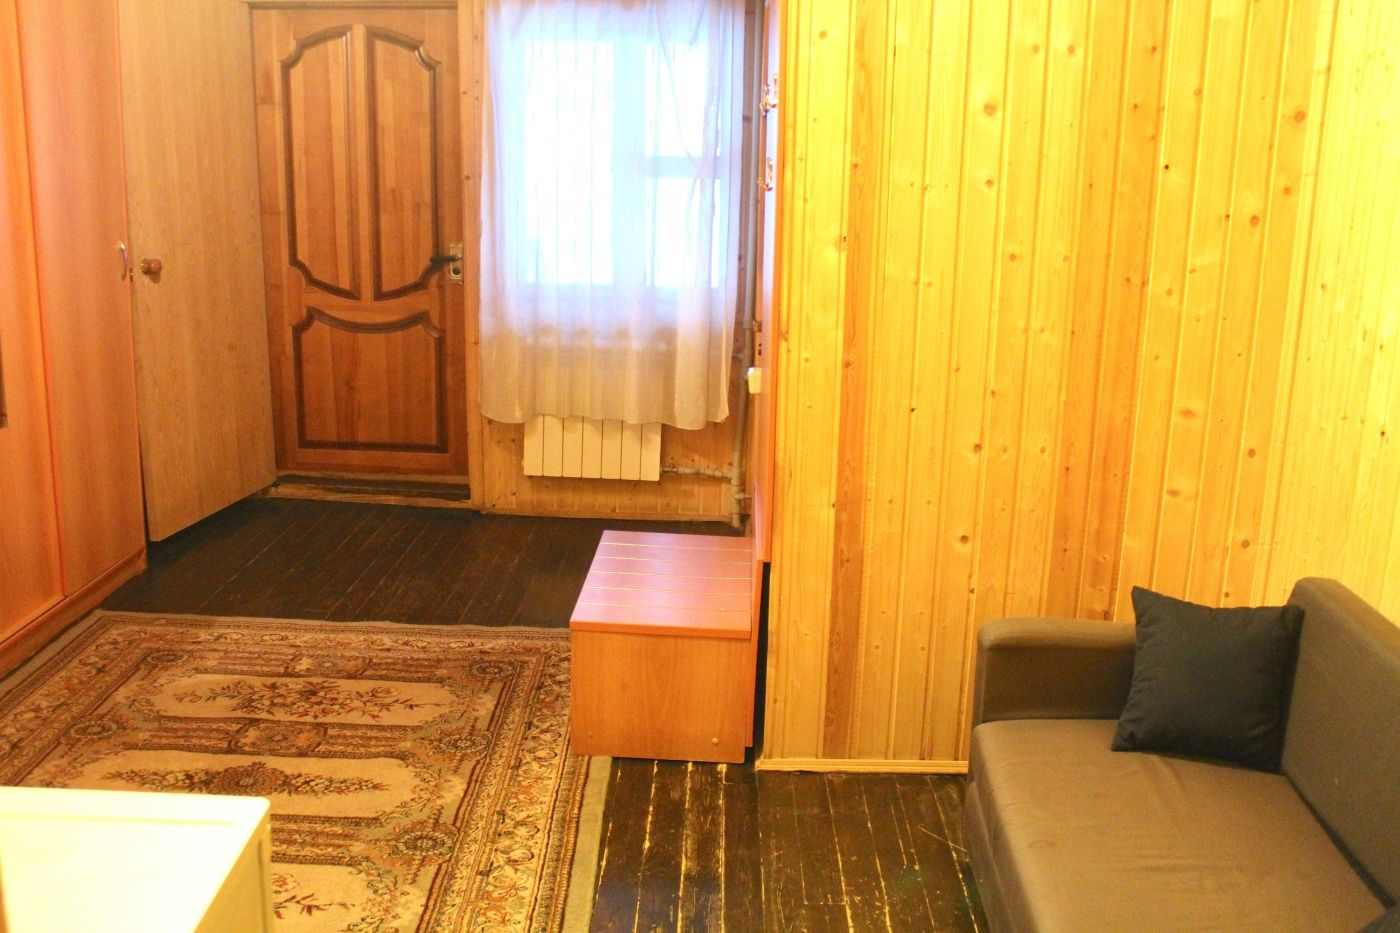 Коттеджный комплекс «Шиболово-Горки» Московская область 2-комнатный 2-местный номер (№ 1-10), фото 3